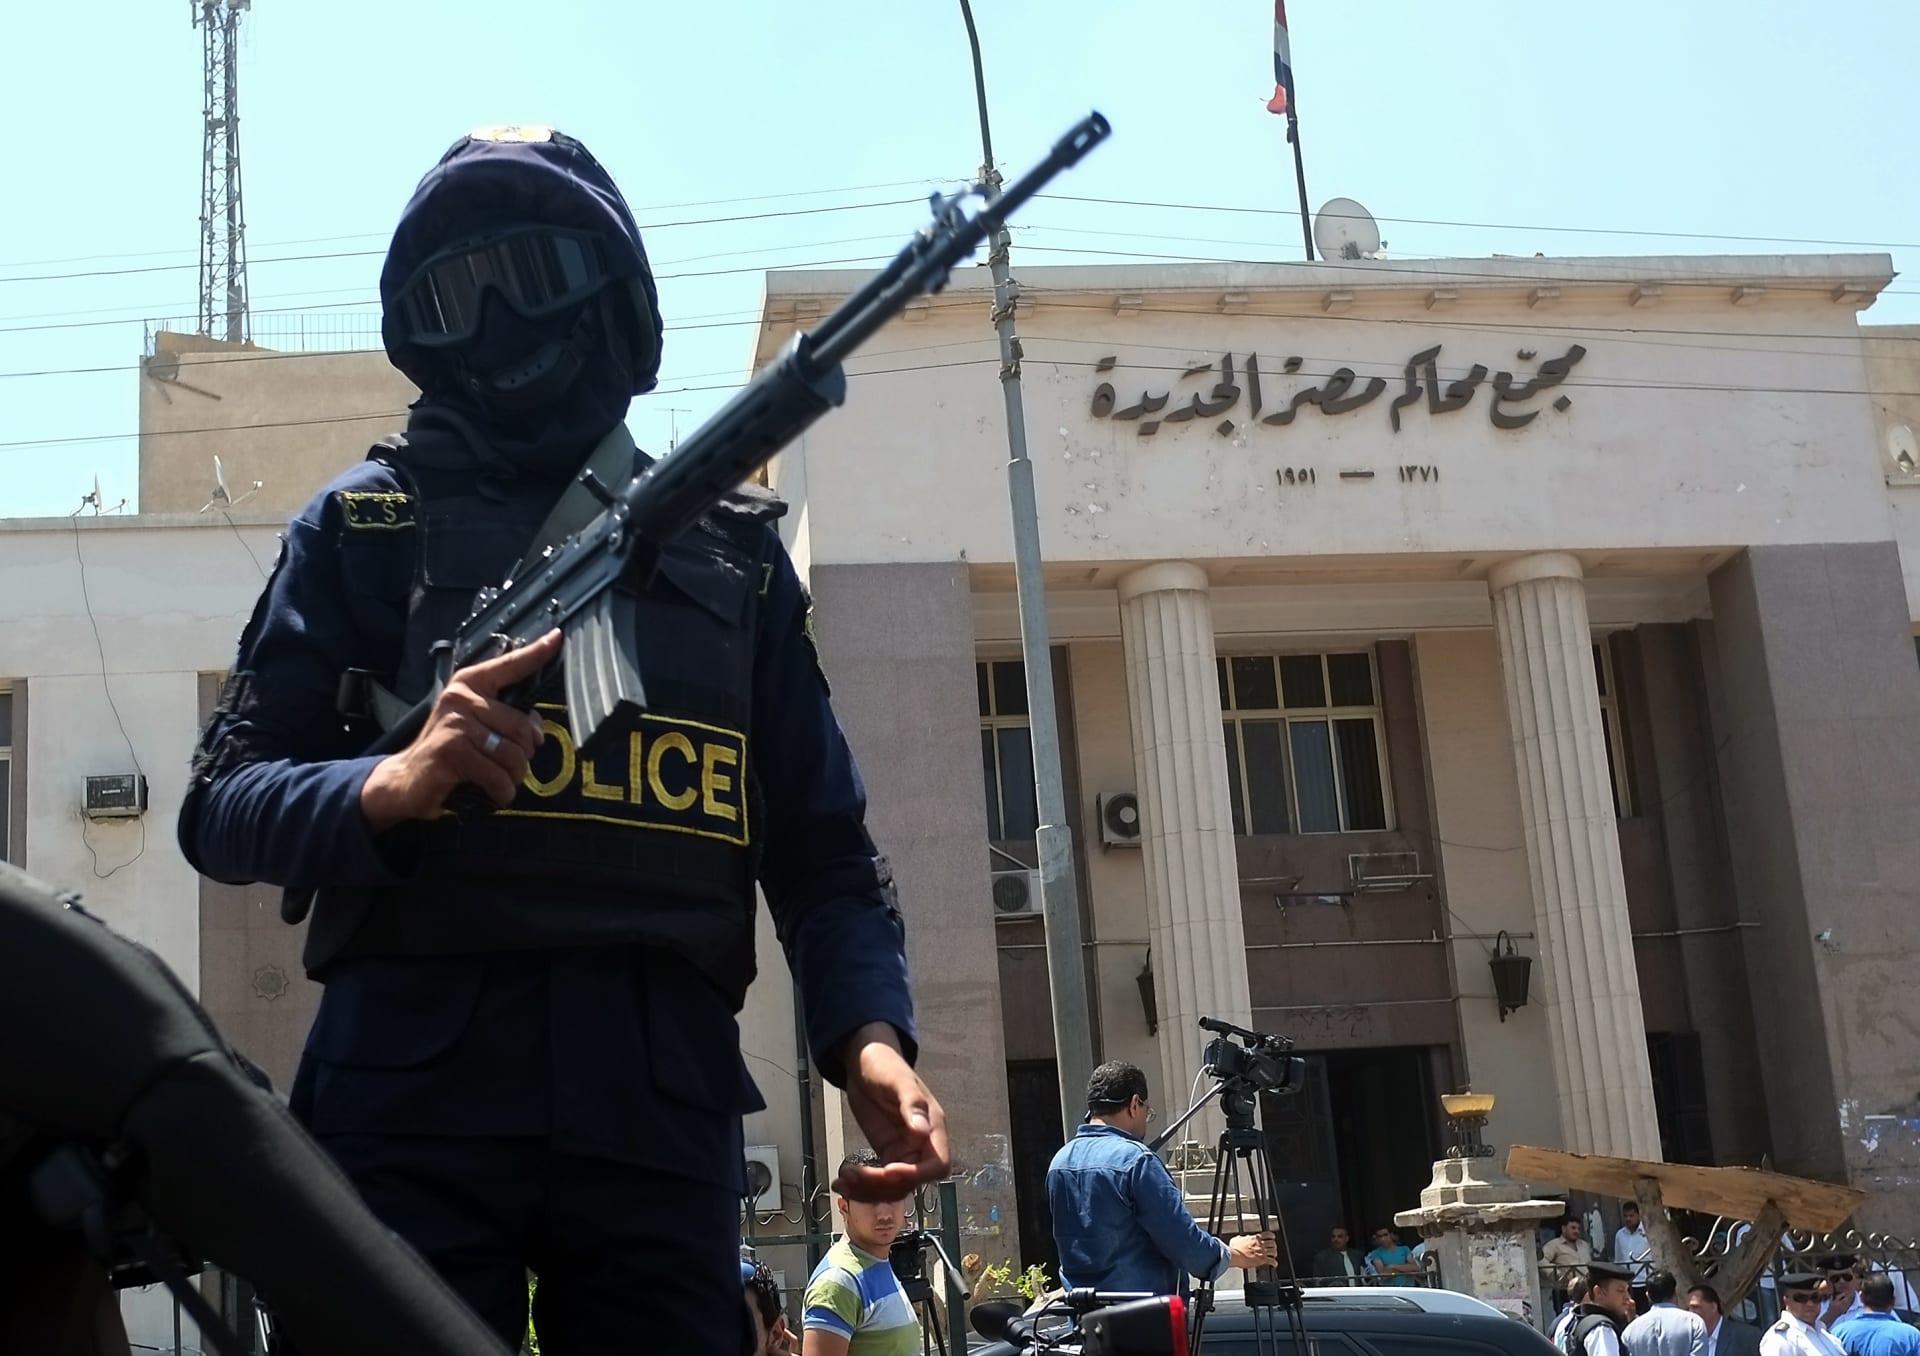 صزرة أرشيفية لعنصر أمن أمام مجمع محاكم مصر الجديدة